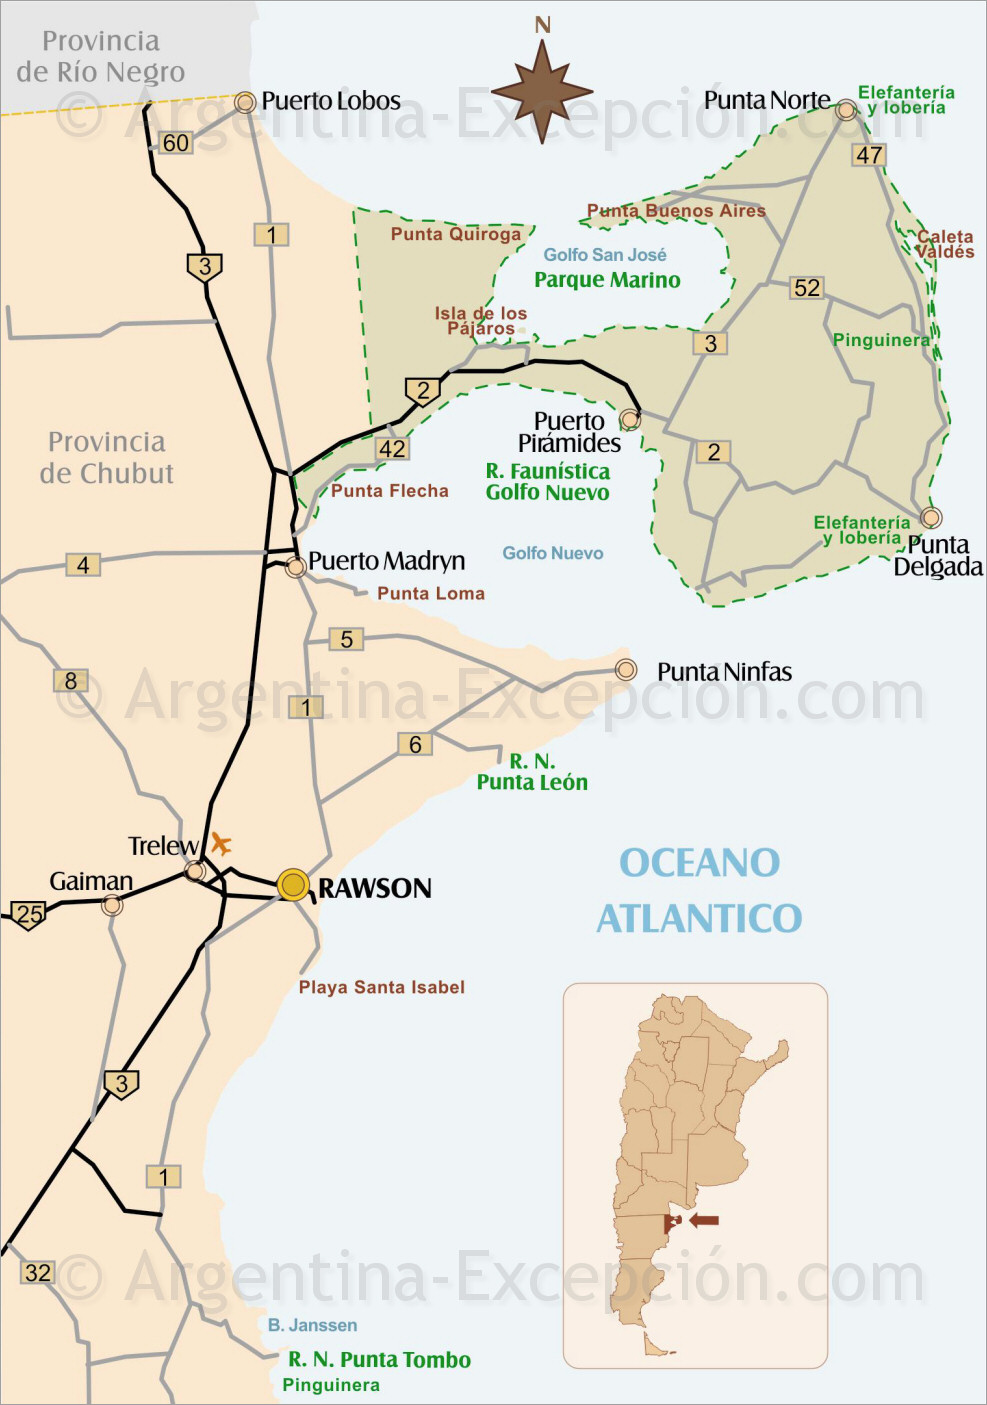 Mapa pennsula de valds patagonia argentina pennsula de valds altavistaventures Choice Image